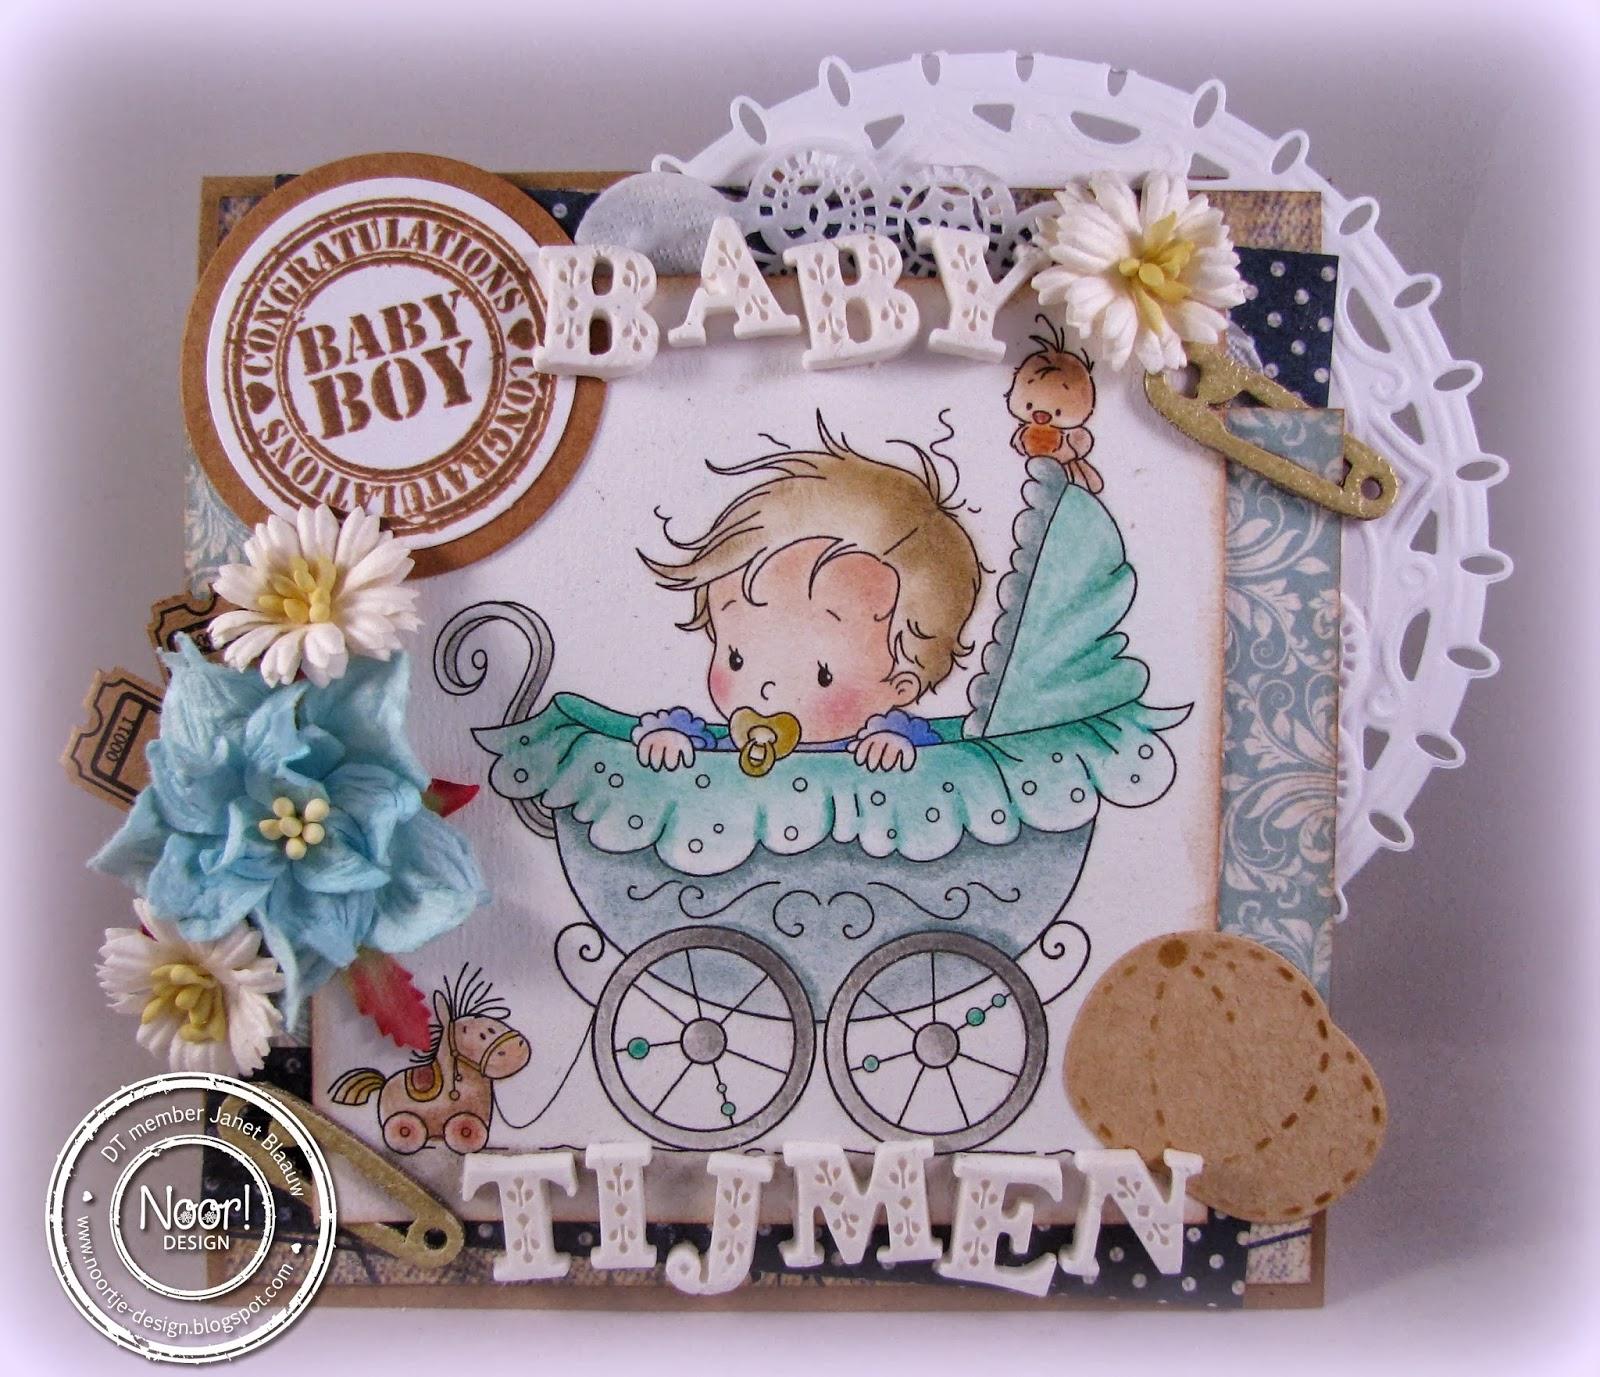 Noor design baby boy - Baby boy versiering van de zaal ...